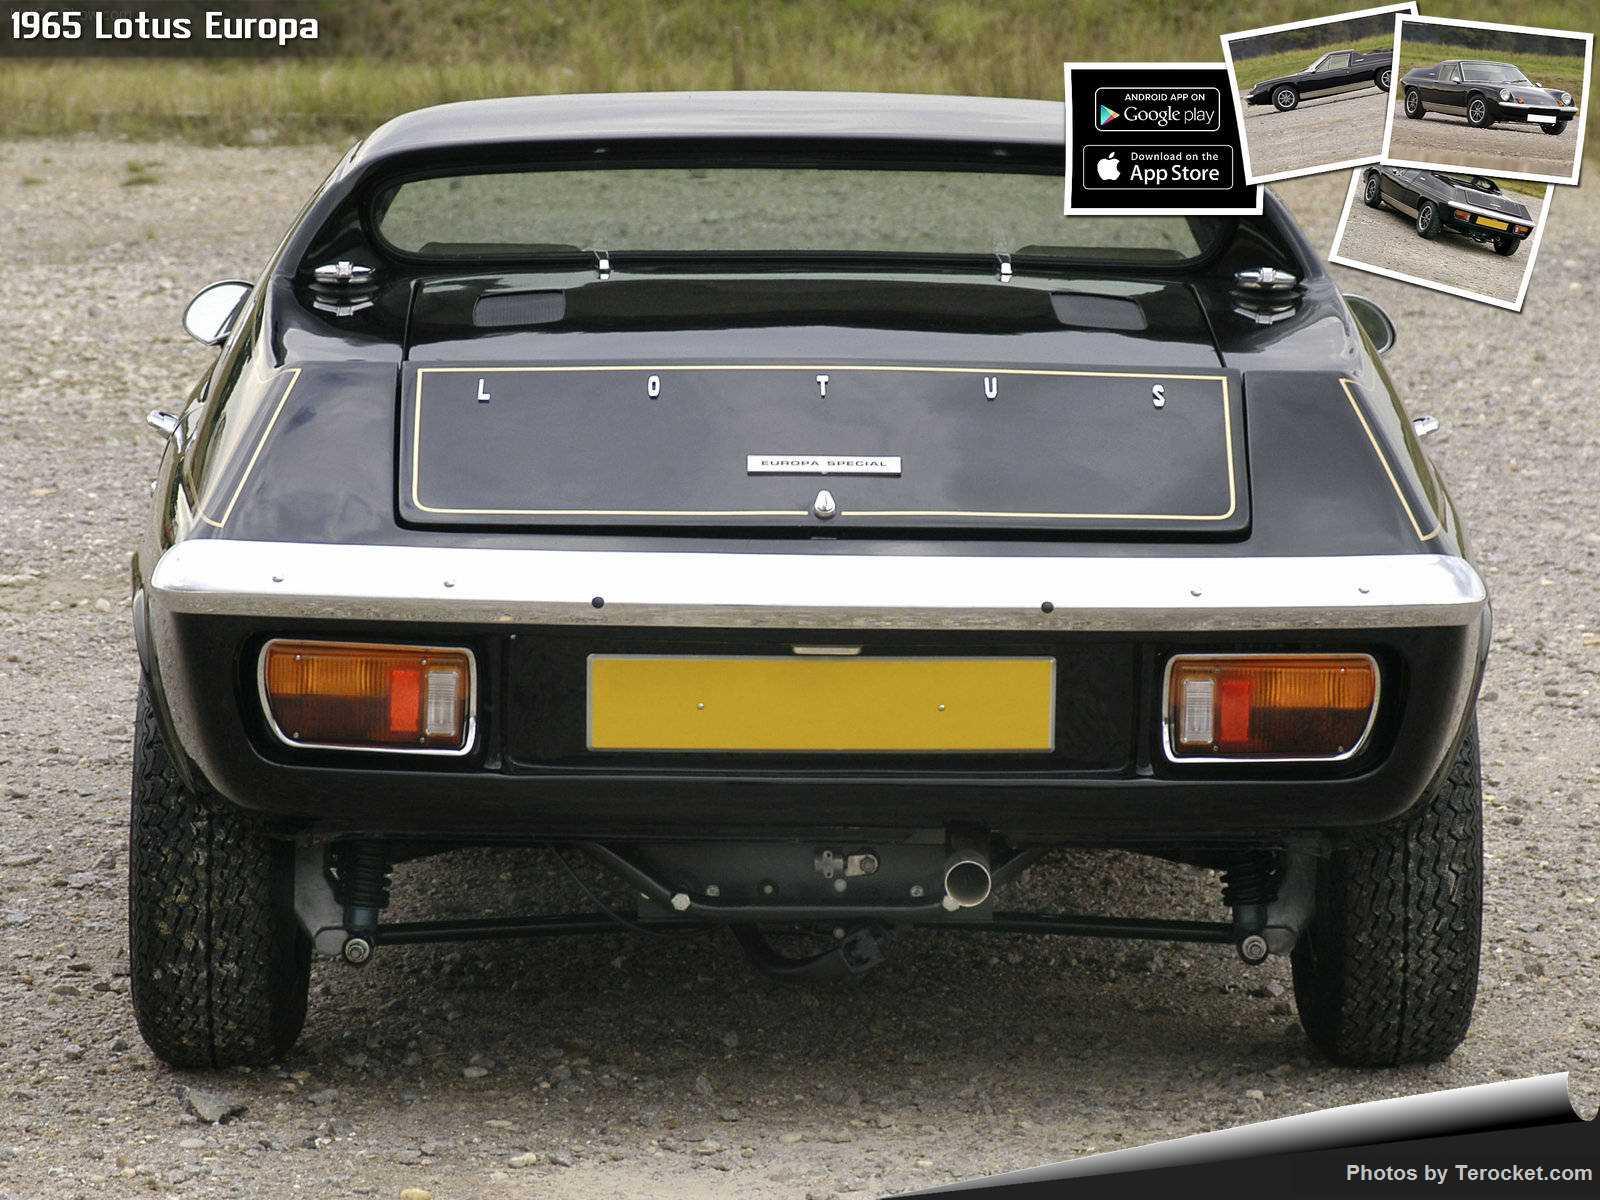 Hình ảnh siêu xe Lotus Europa 1965 & nội ngoại thất